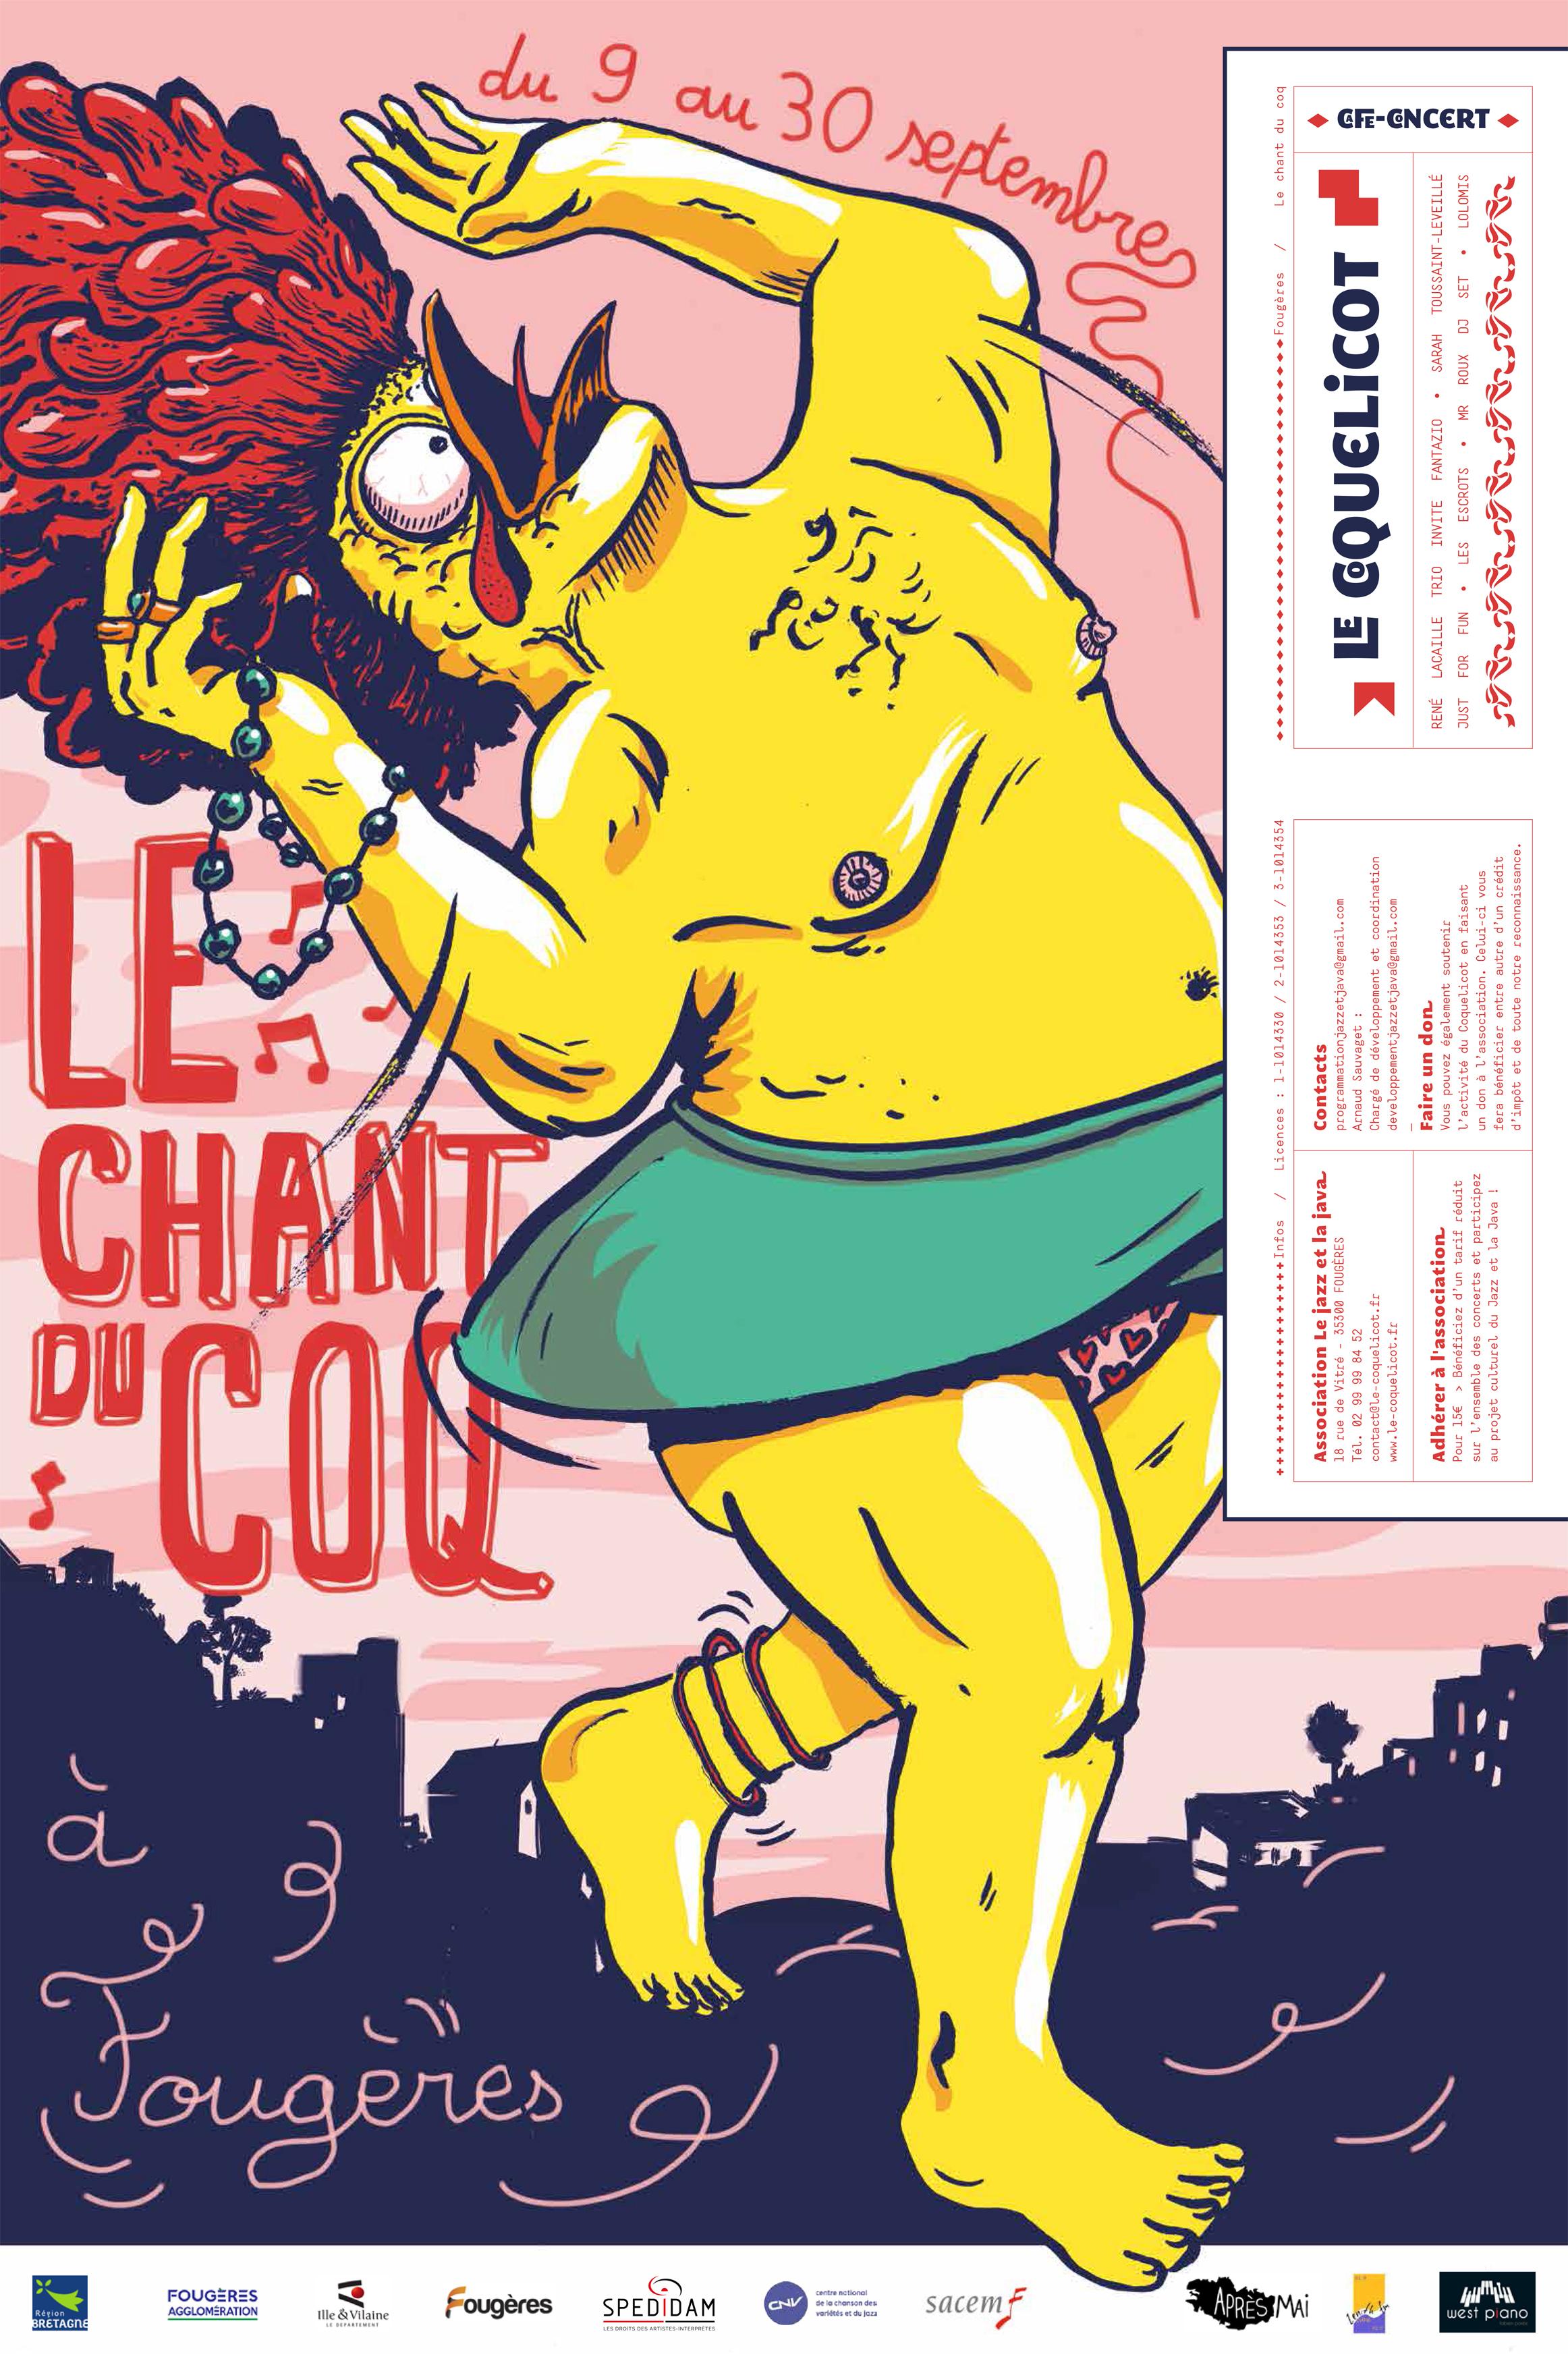 http://www.le-coquelicot.fr/wp-content/uploads/2017/08/Affiche-chant-du-coq-2017.jpg